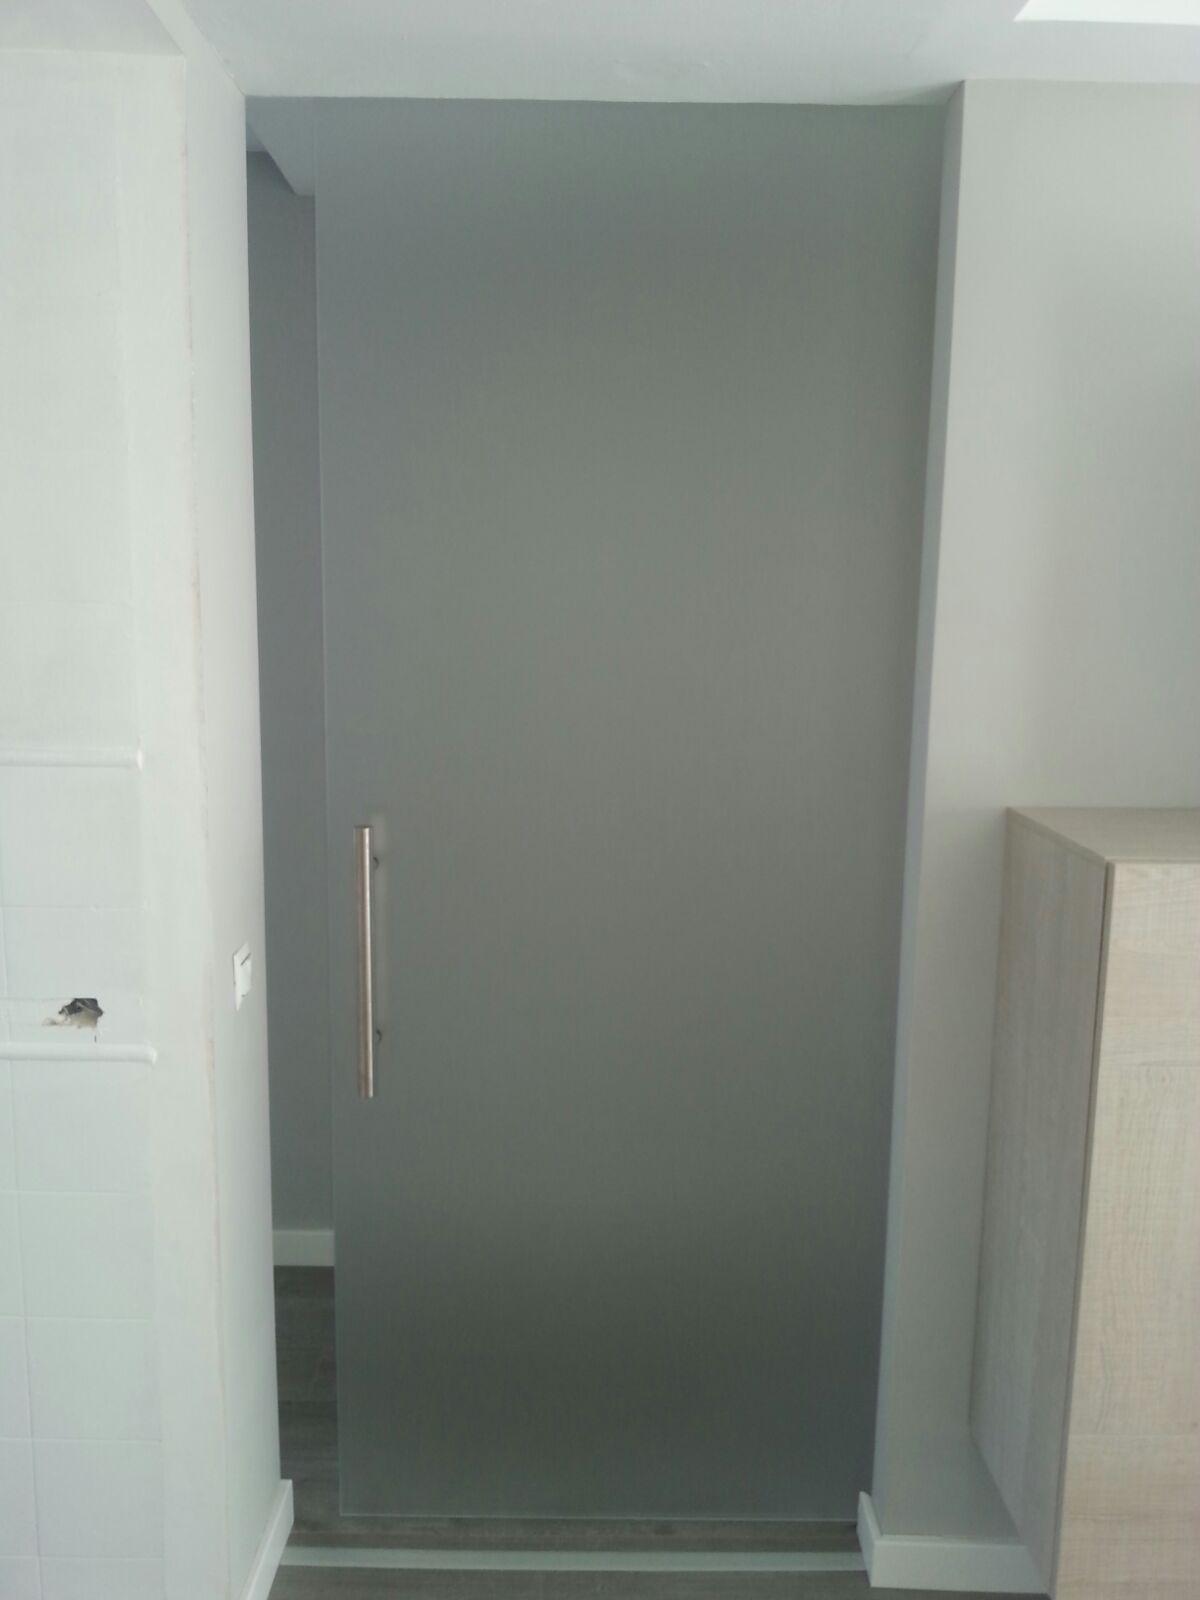 Puerta corredera en vidrio mate con herrajes saheco y - Tirador puerta corredera ...